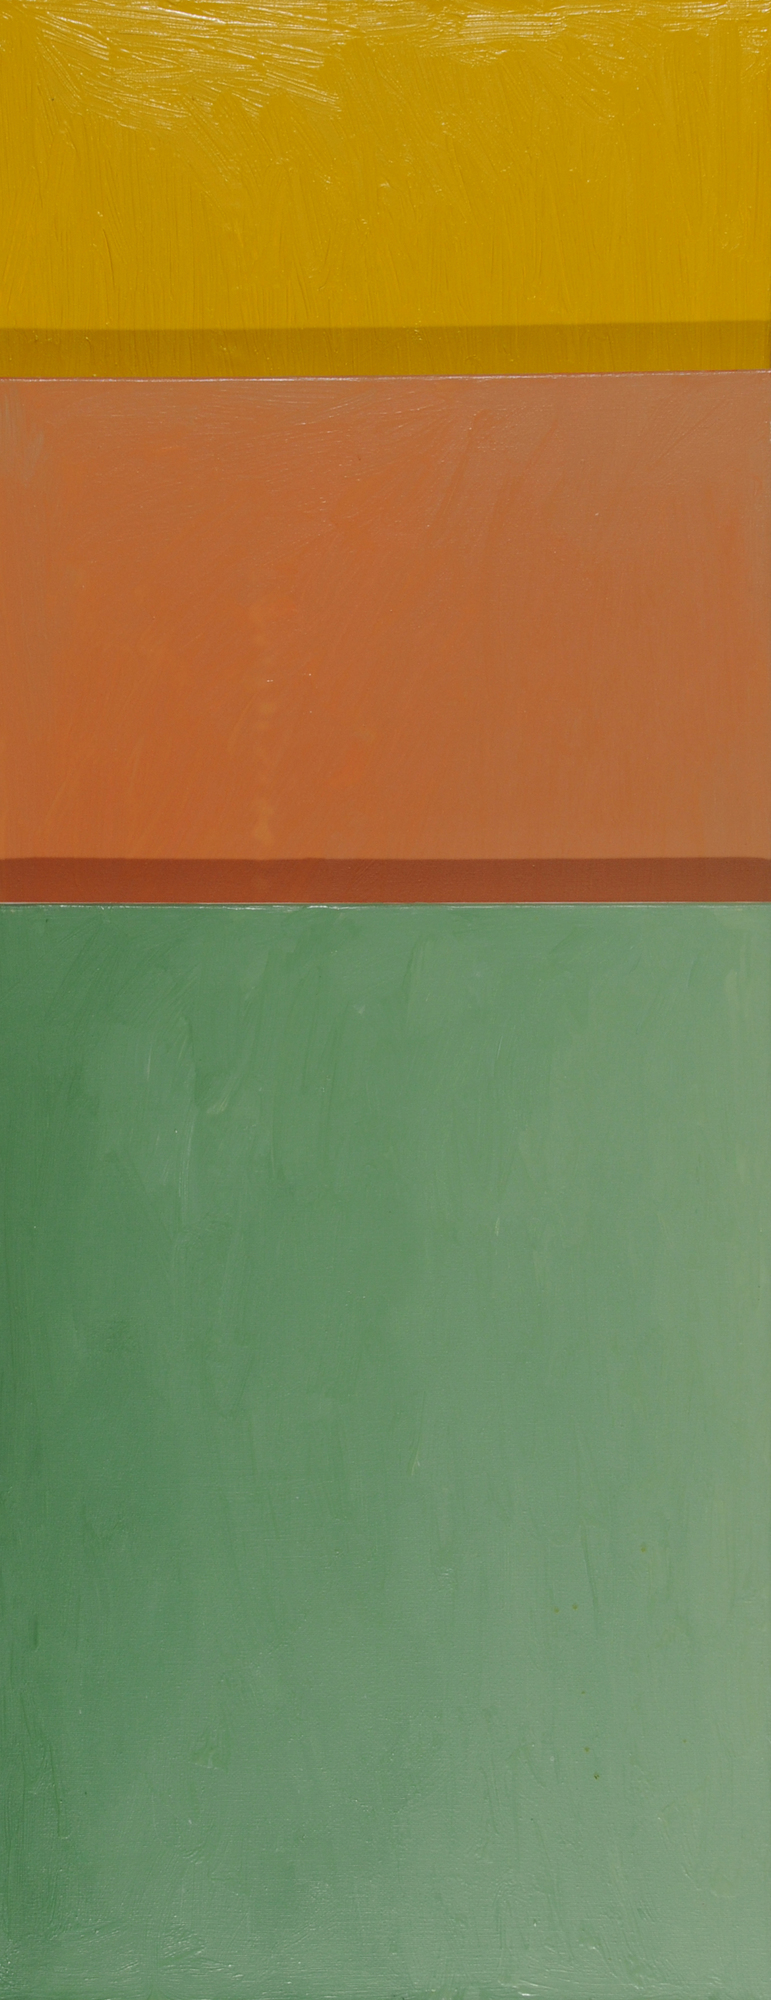 Lichtsteiner Alois, Bilderstapel (Inhalt der Gefässe)